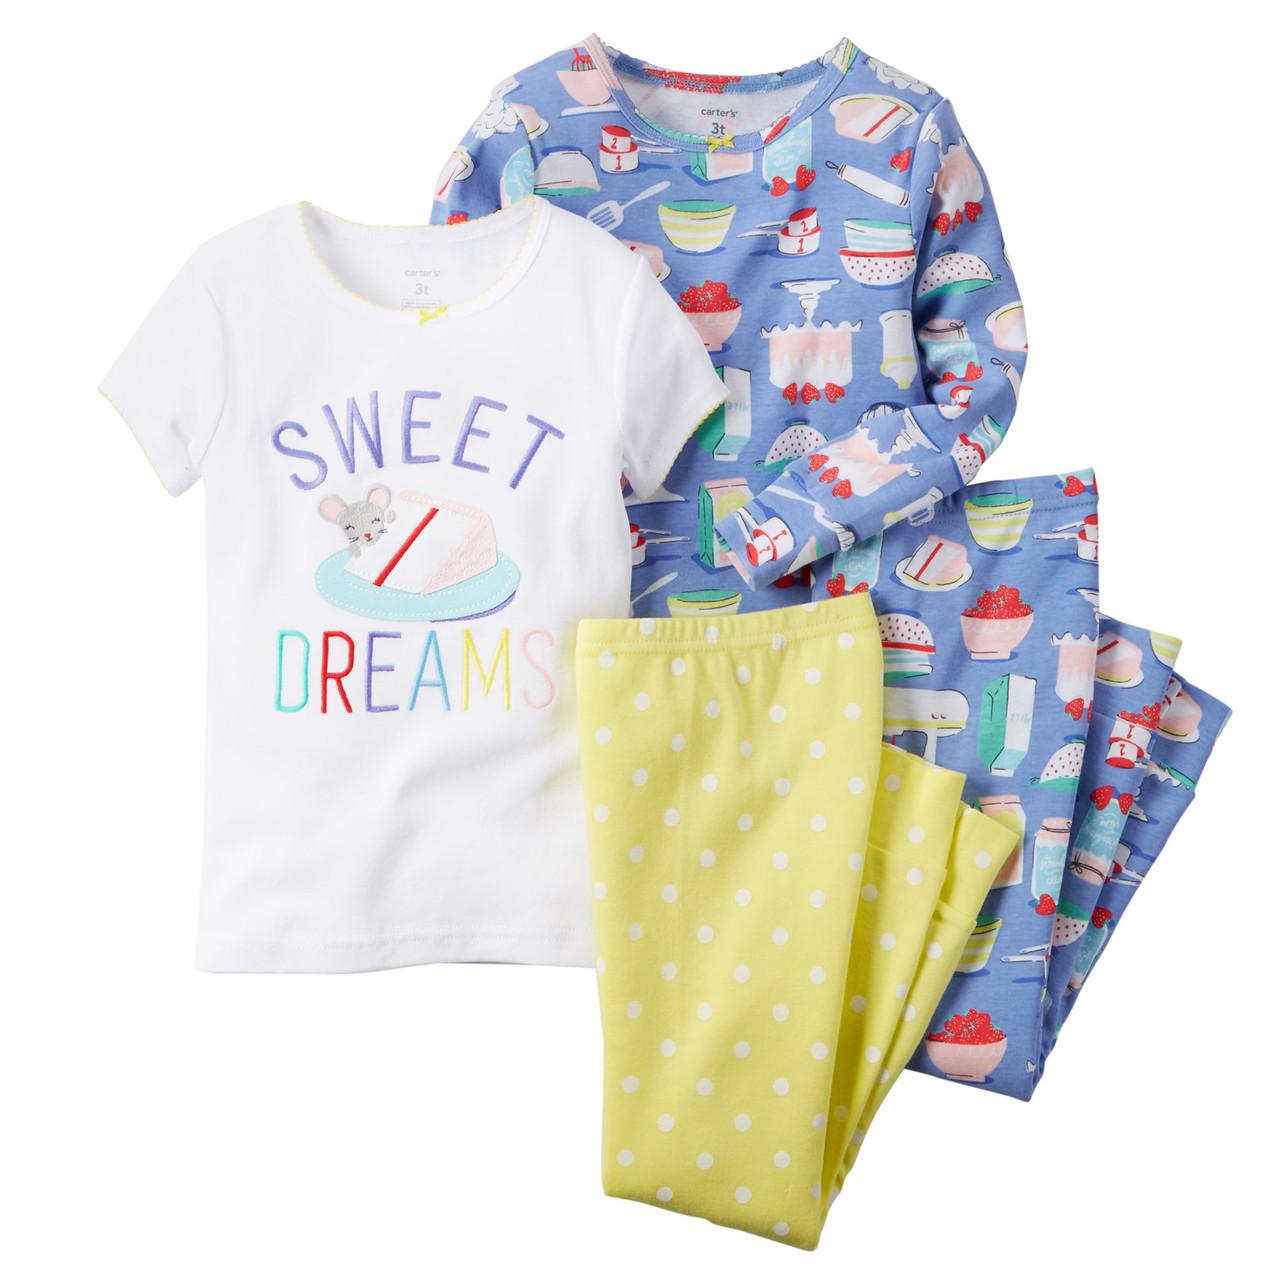 Пижамы детские на девочку 5 лет  Набор 2 шт Carter's (США)